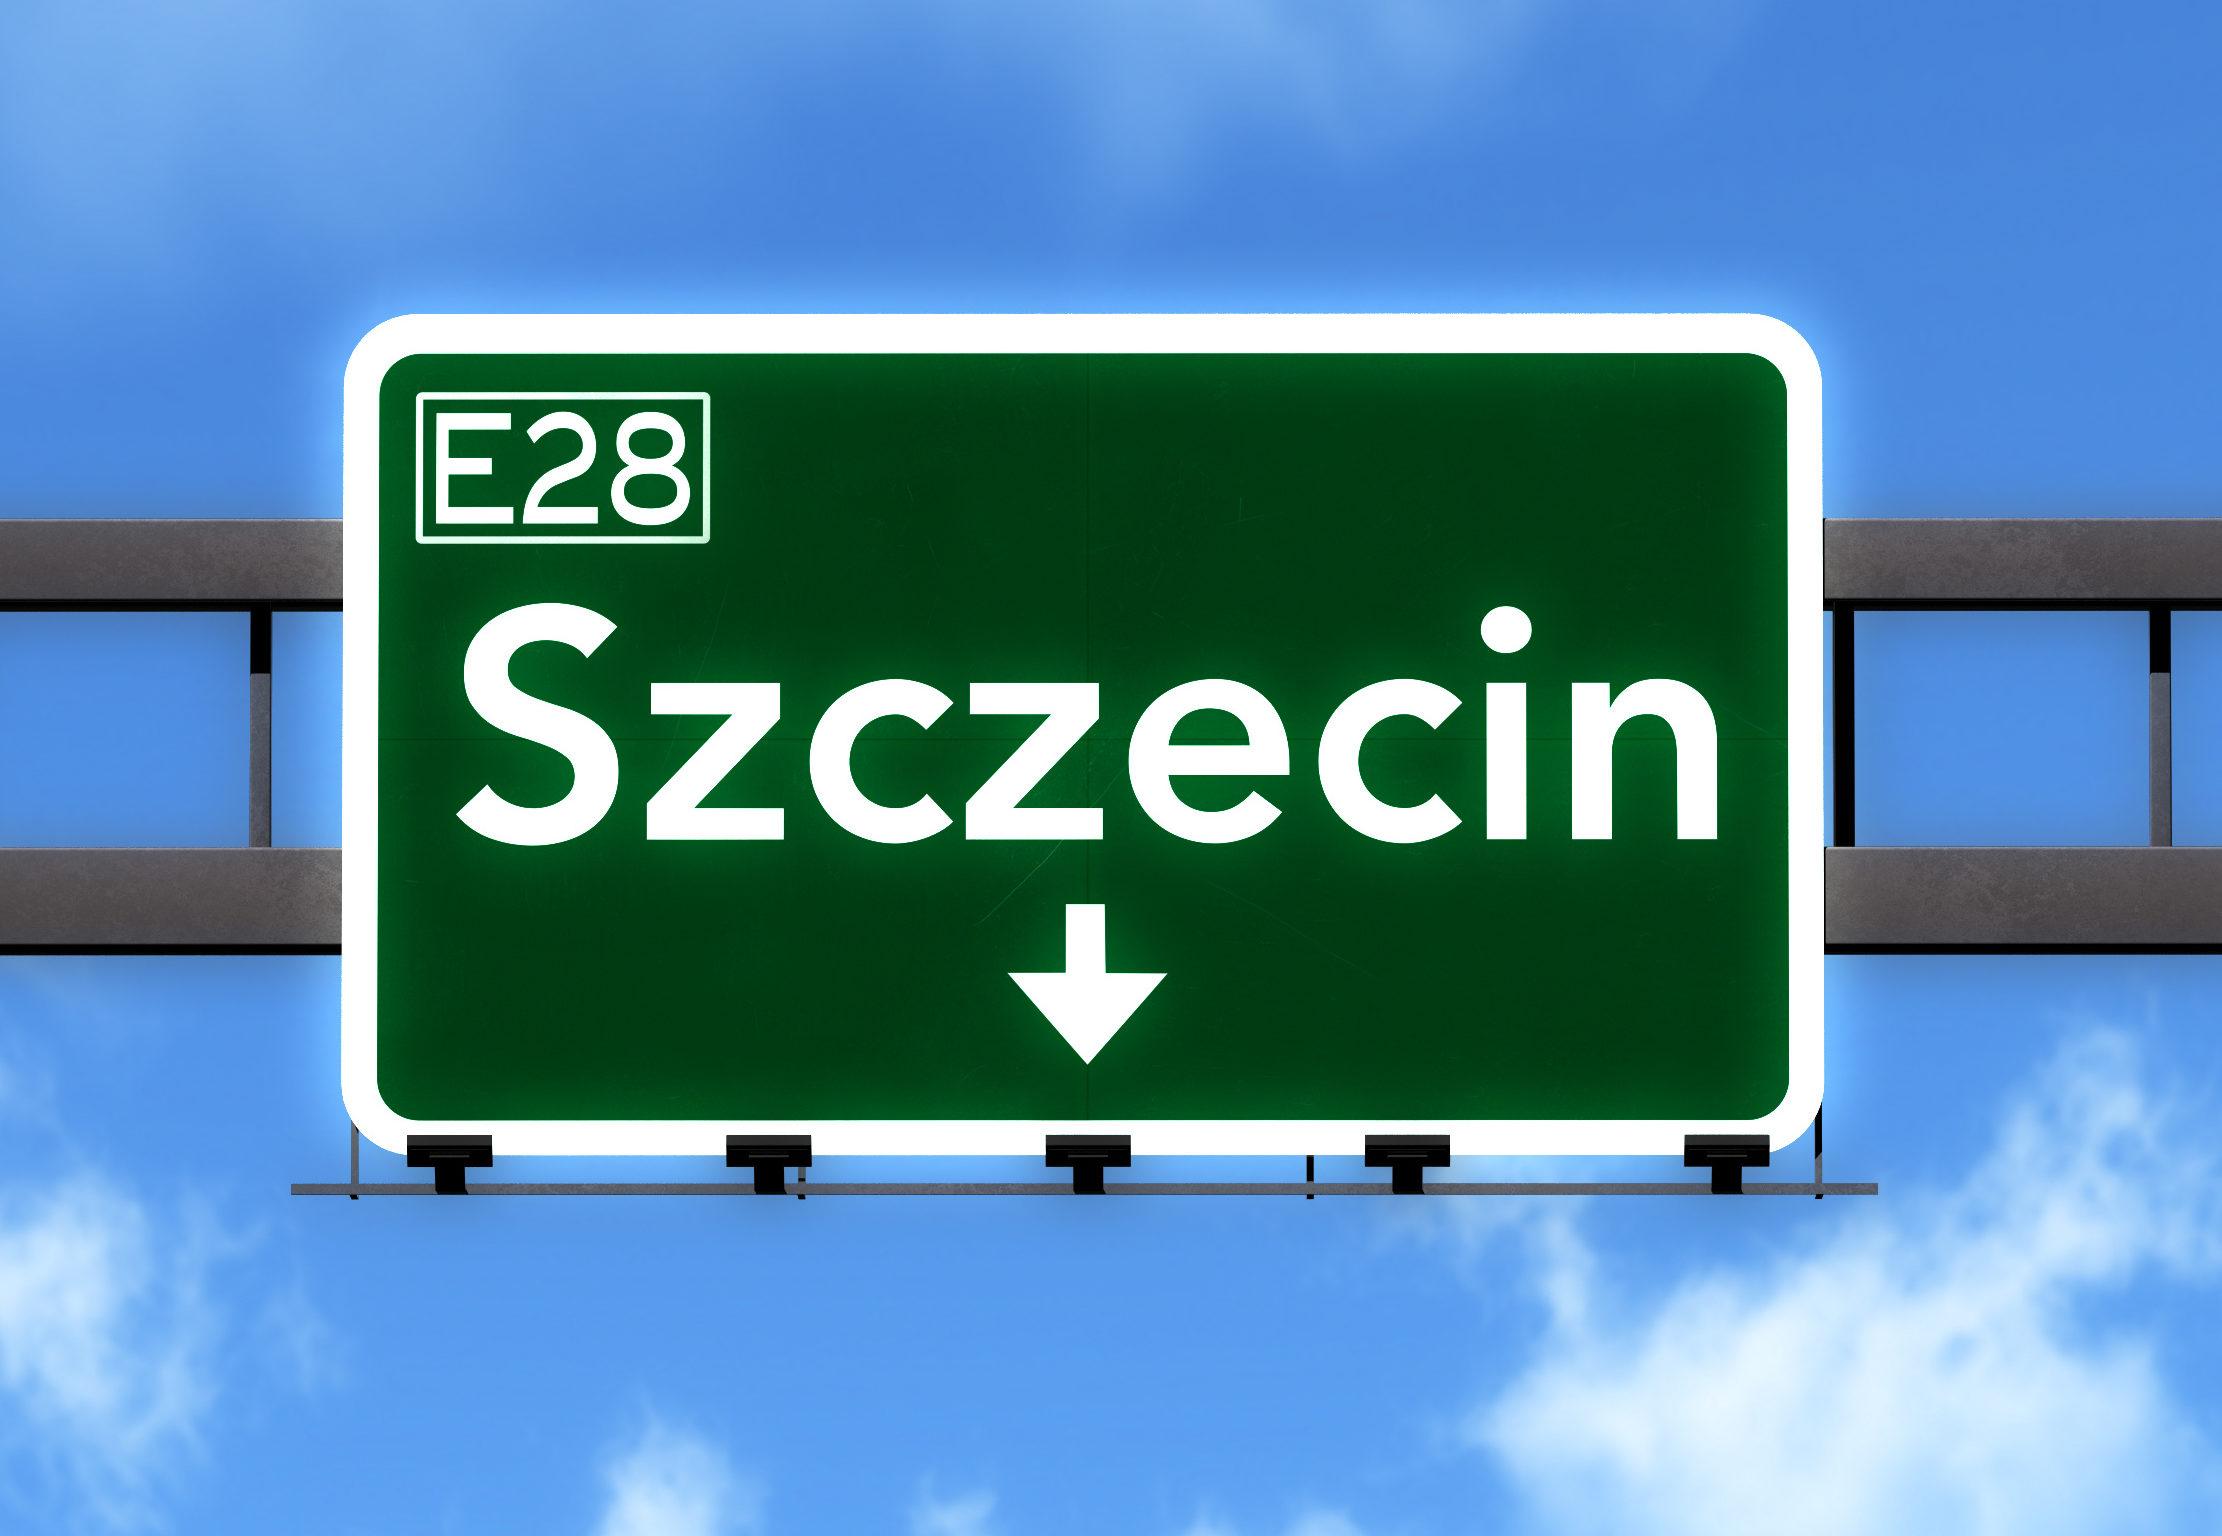 Upadłość konsumencka Szczecin